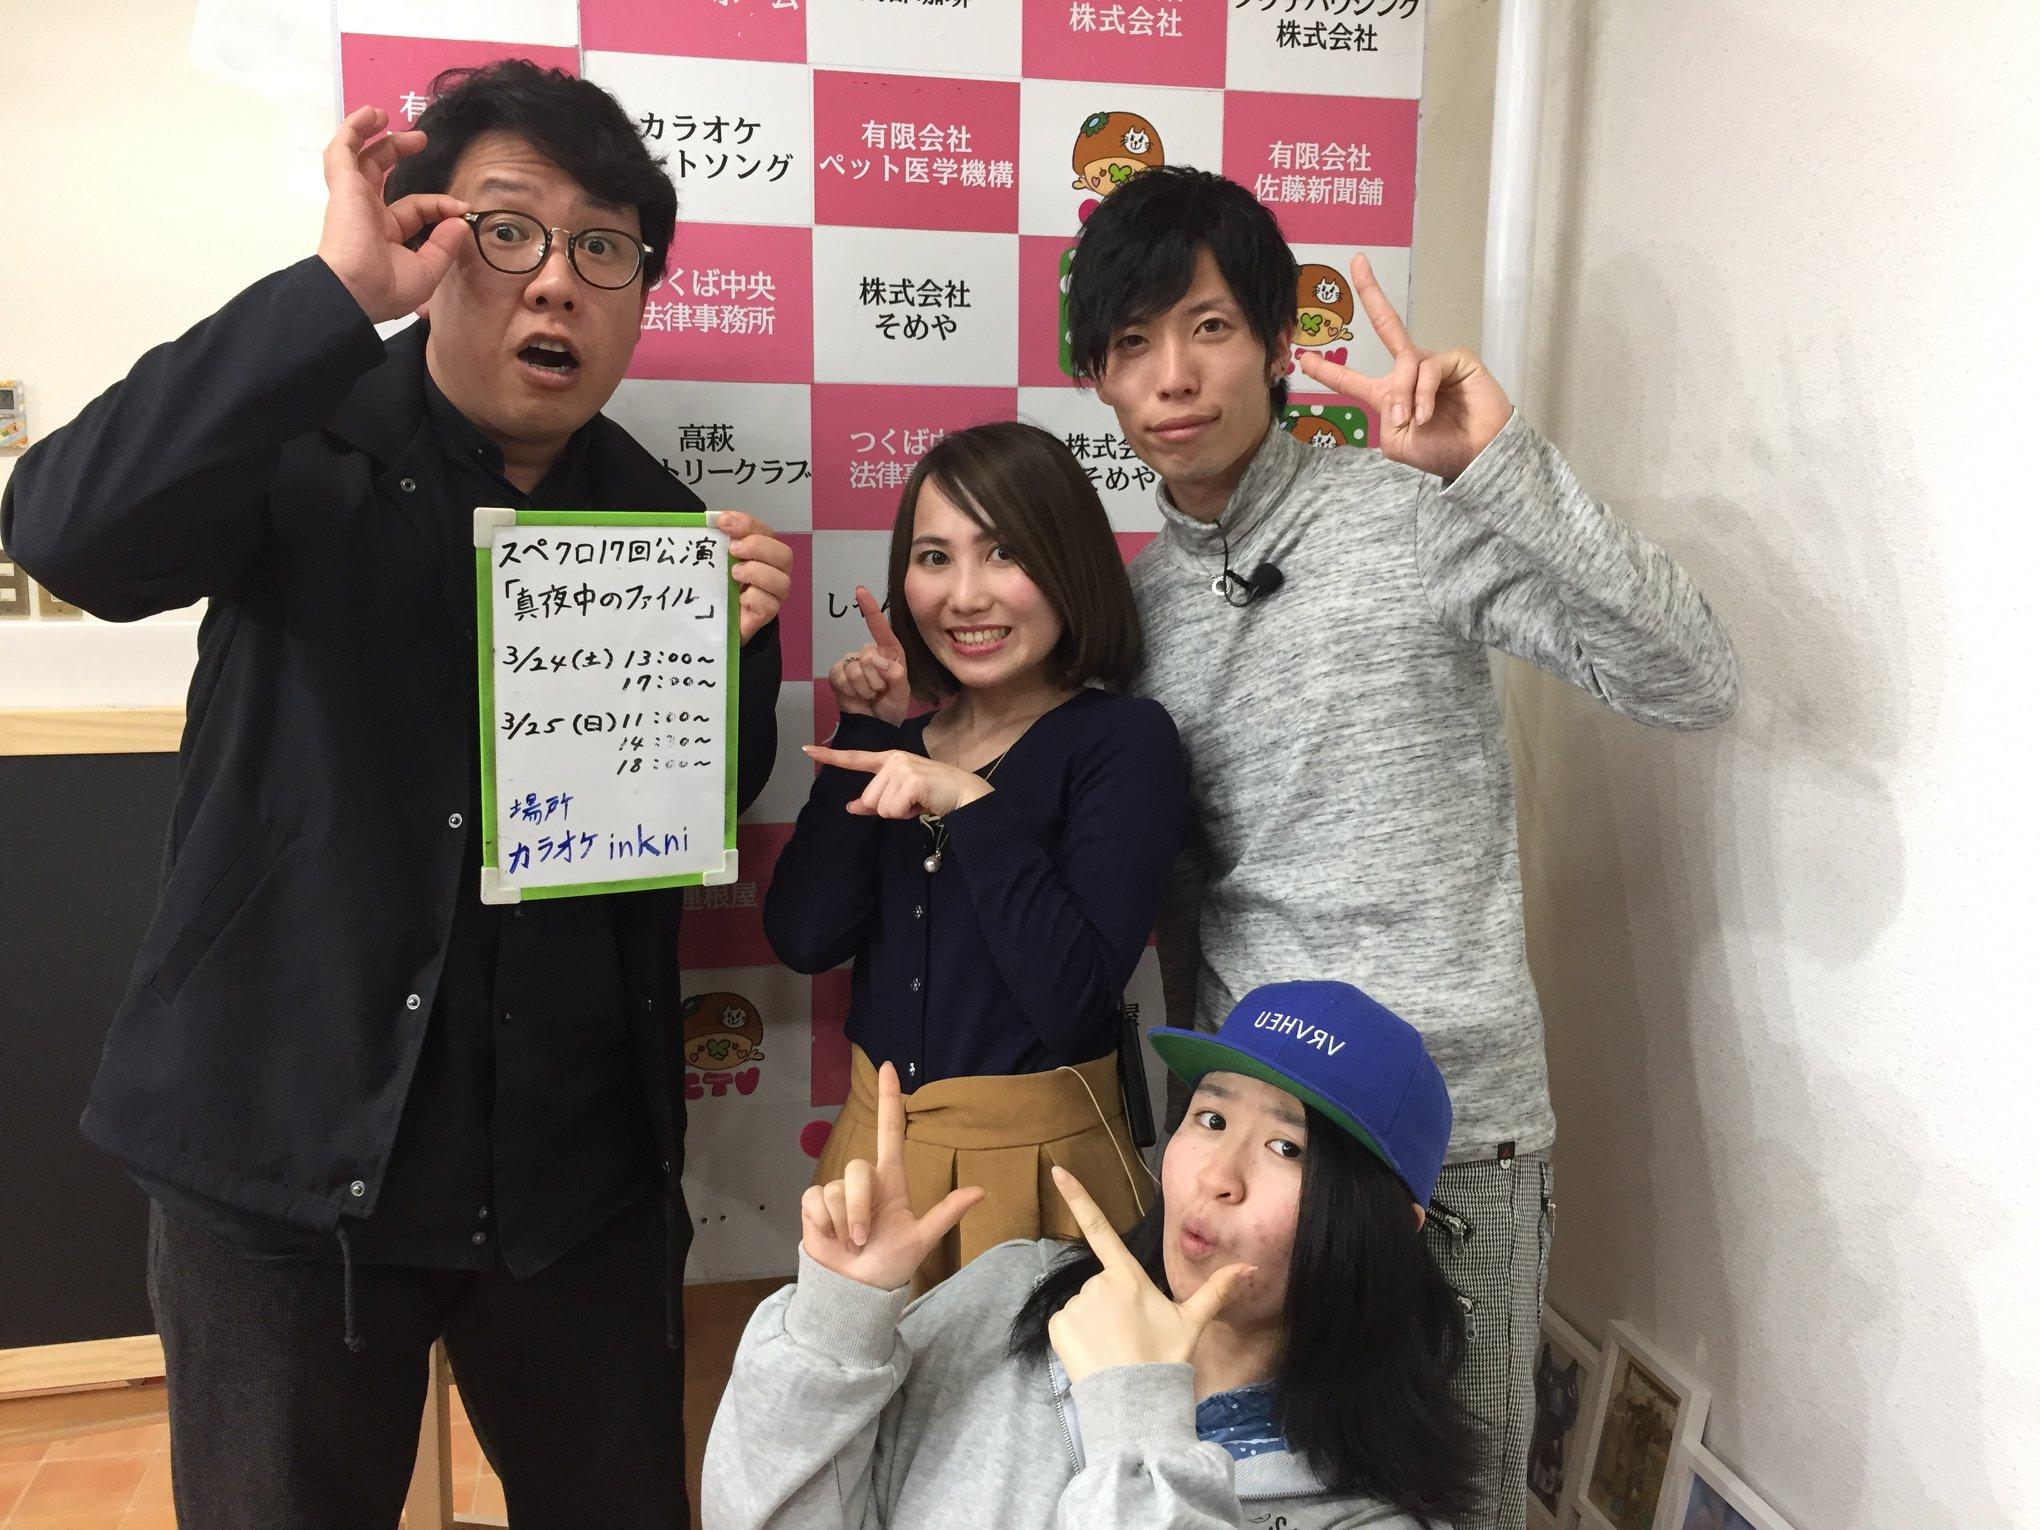 [2018/2/1]♡夕暮れモーモー #200  劇団スペースクロラの創設者のひとり、森 裕嗣さん